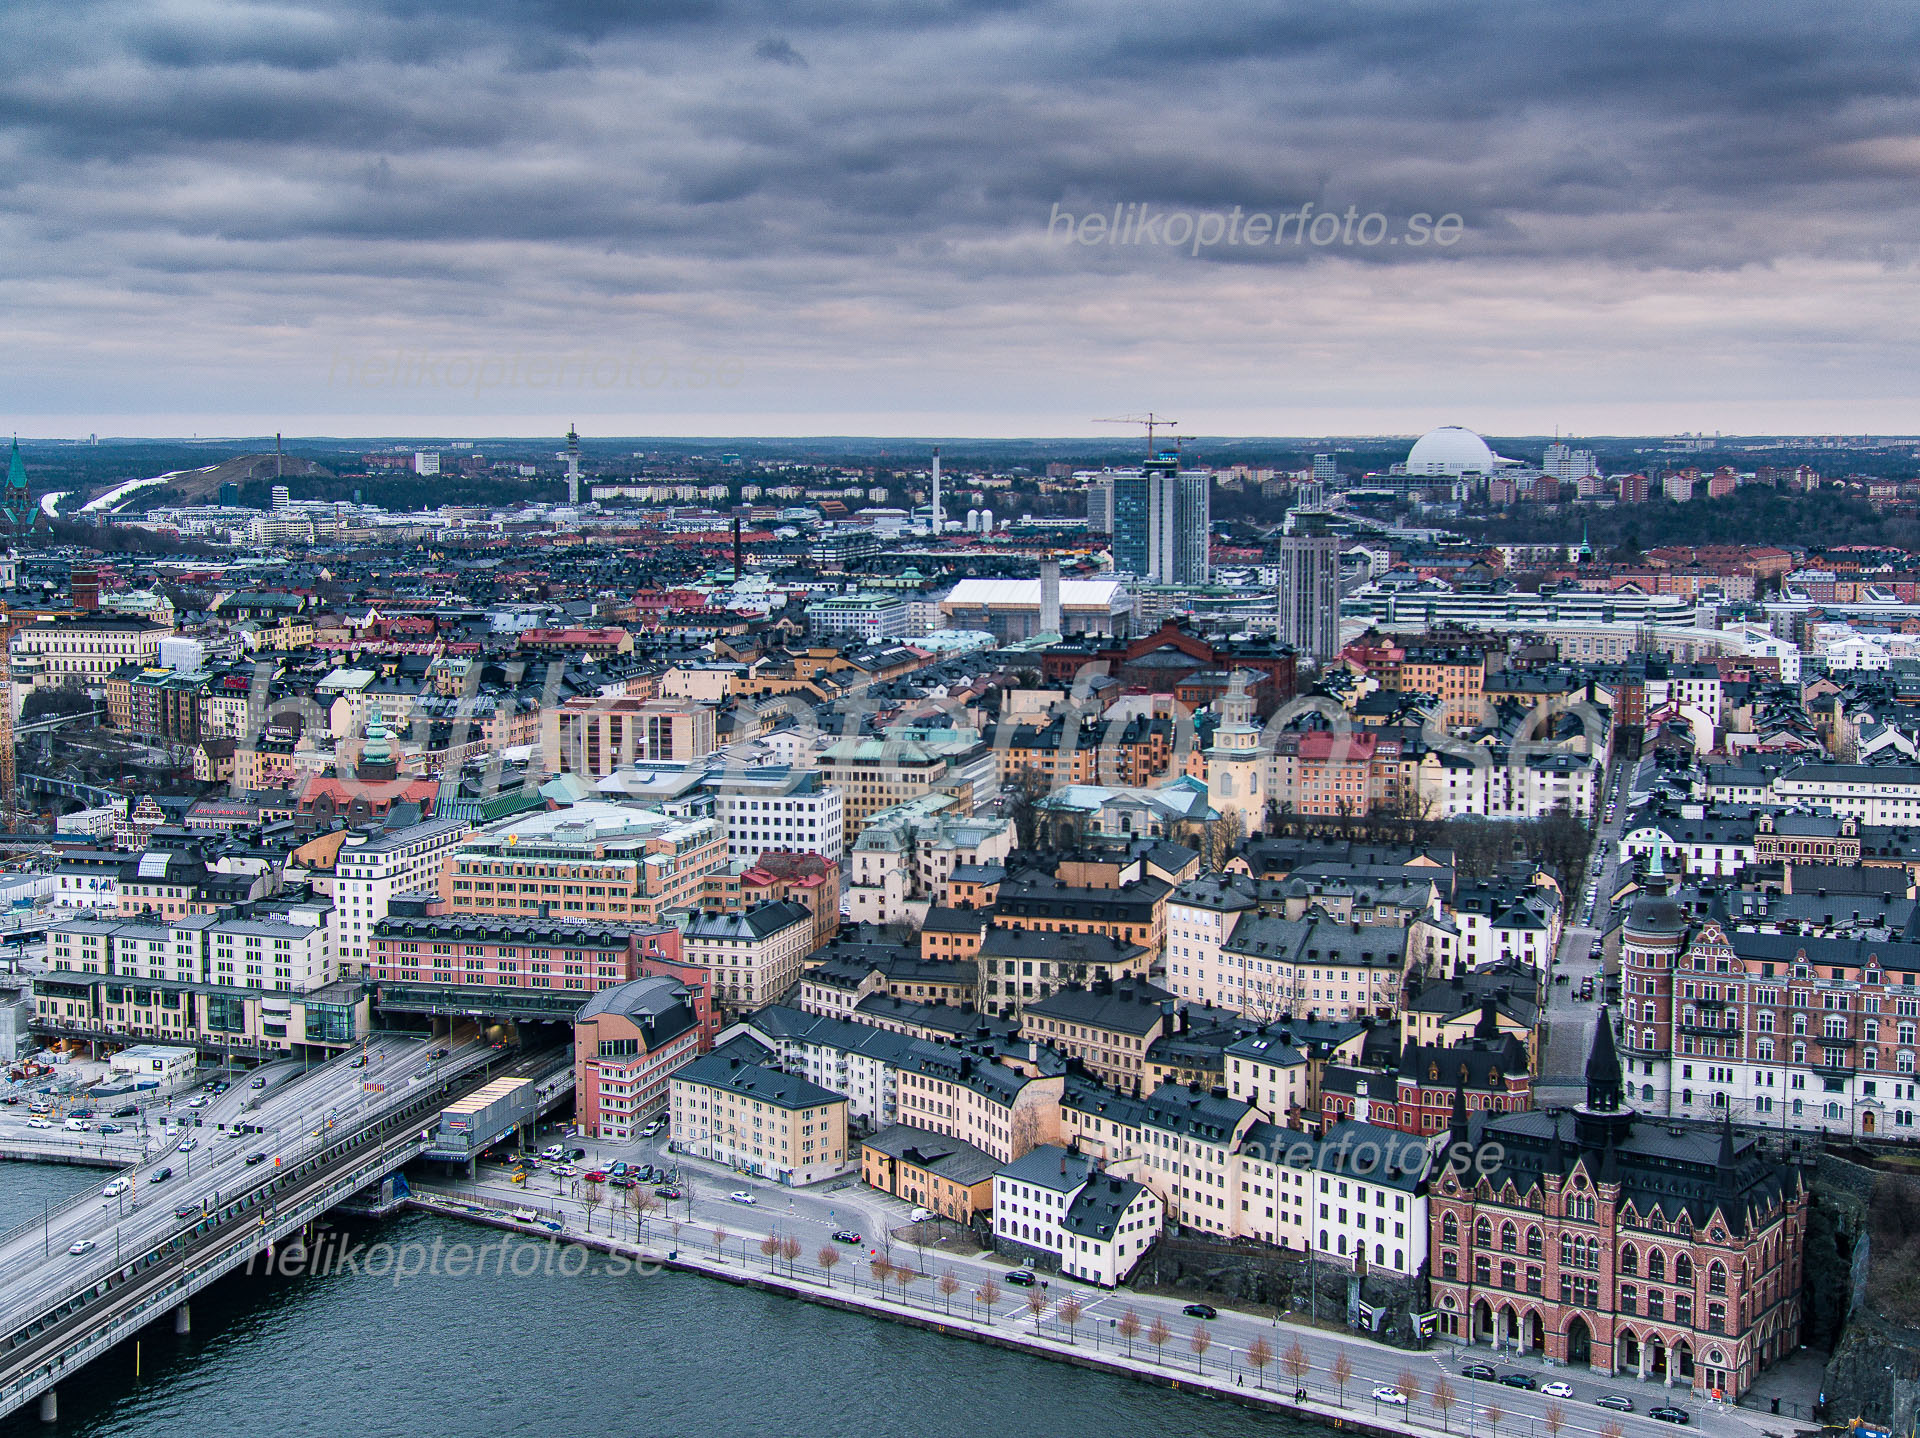 Söder Mälarstrand, drone operator Stockholm Sweden